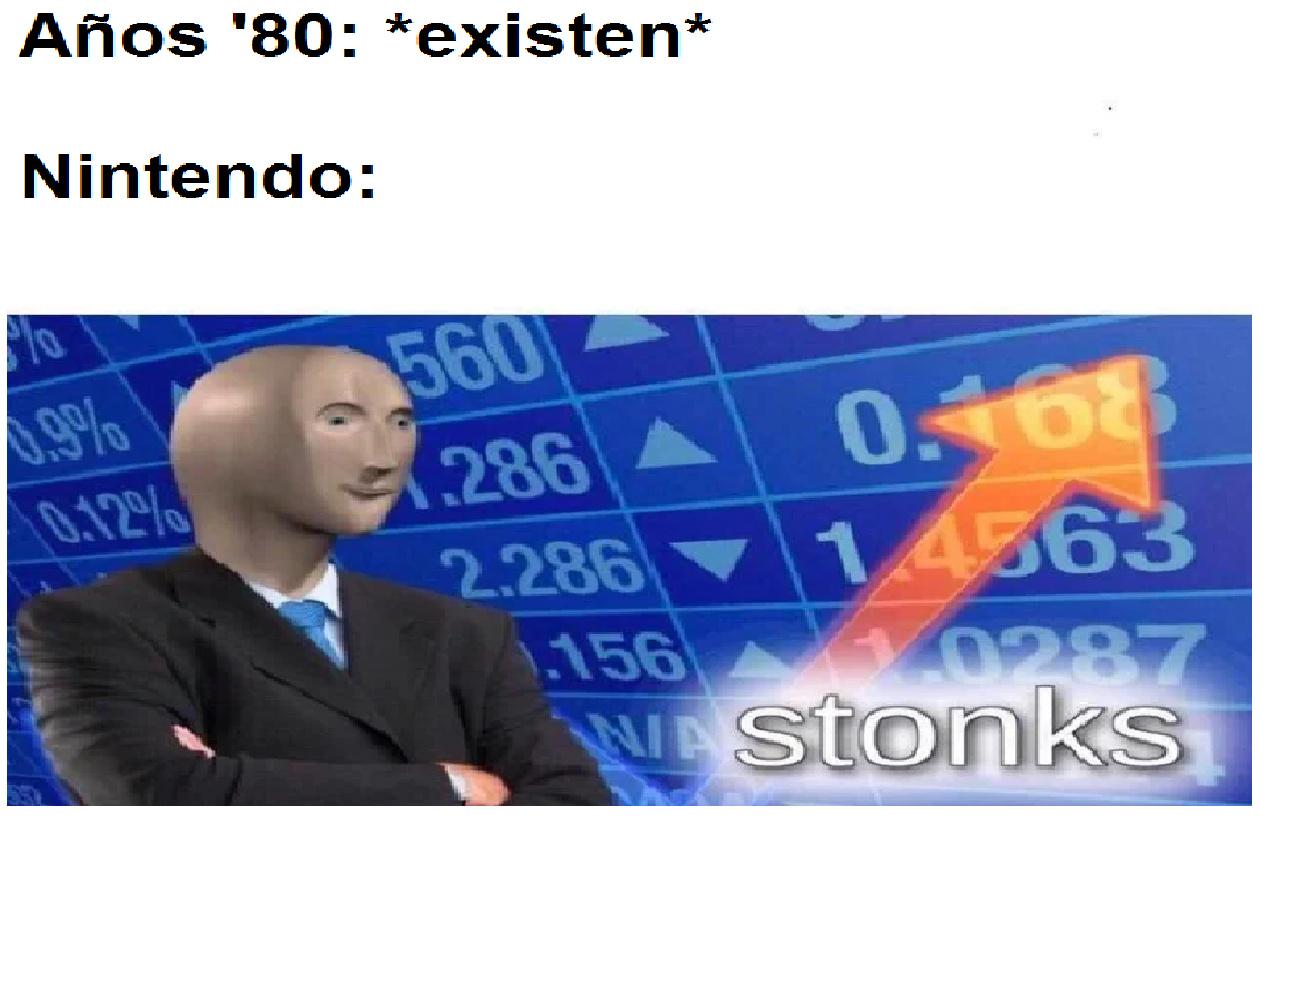 Solo los que compraron la NES entenderan - meme